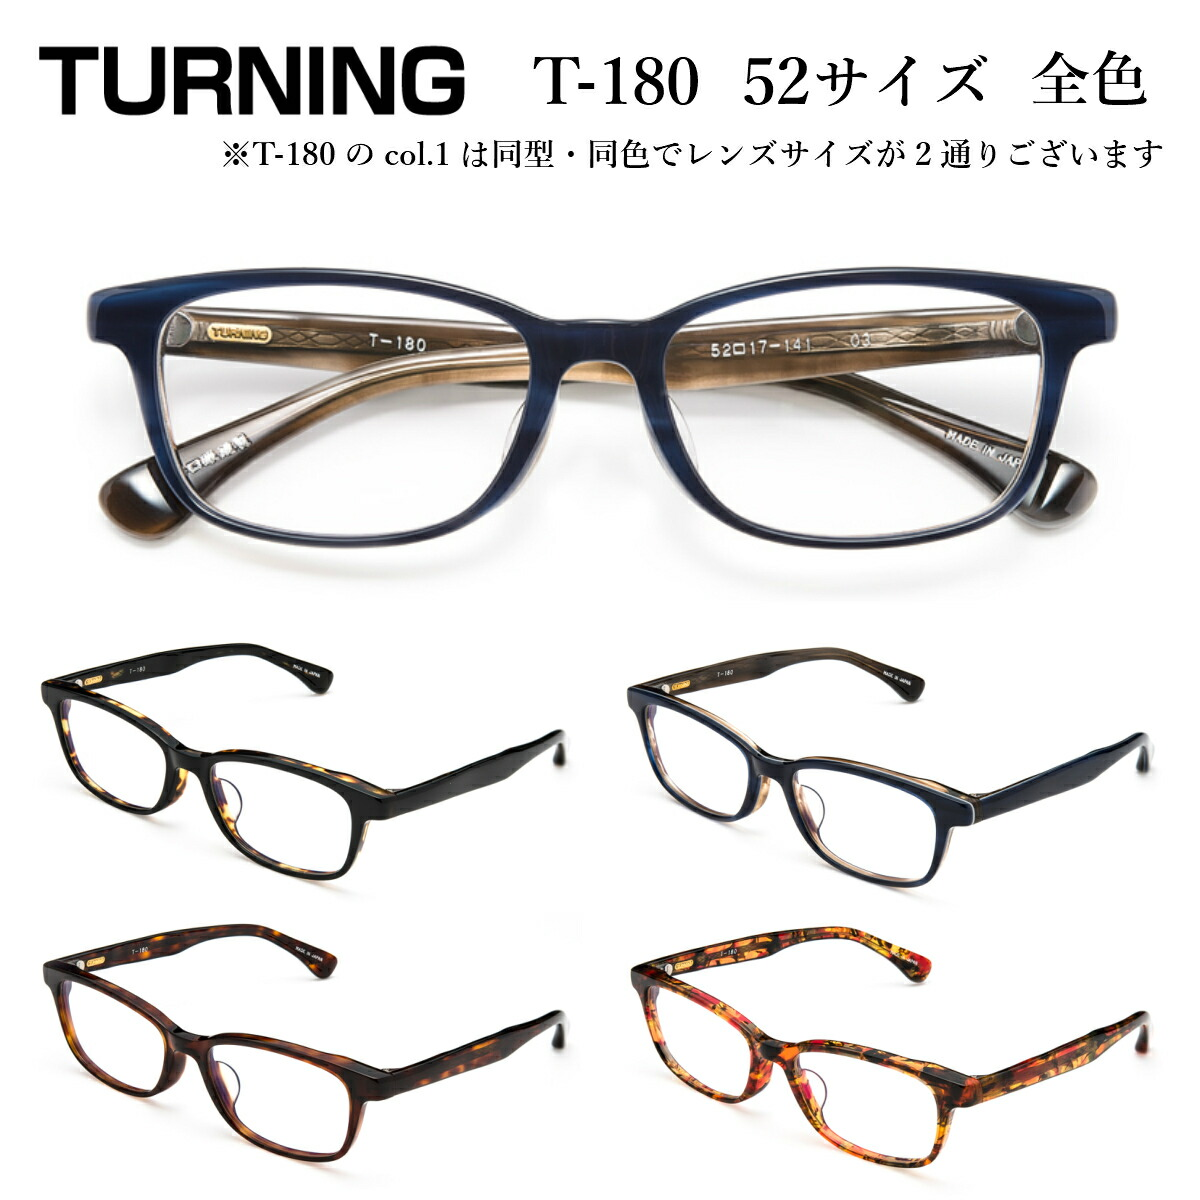 TURNING ターニング 谷口眼鏡 T-180 52サイズ 全色 メガネ 眼鏡 めがね フレーム 度付き 度入り 対応 セル プラスチック アセテート 日本製 国産 鯖江 SABAE ウェリントン メンズ レディース 男 女 兼用 【送料無料】